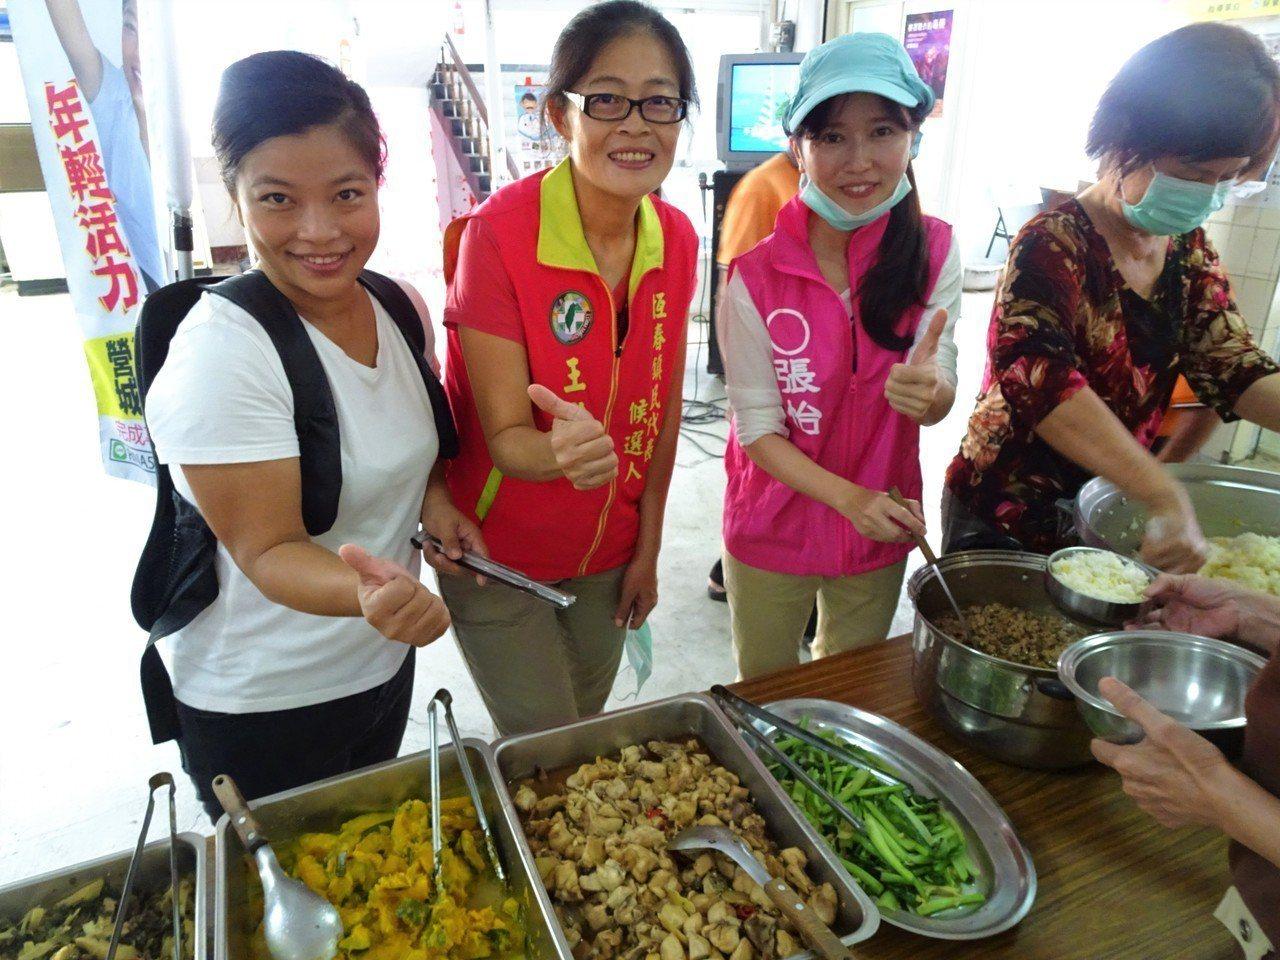 分別參選屏東鎮長、鎮民代表和里長的3名女性參選人張怡(右起)、王羚筠和林璘,今天...